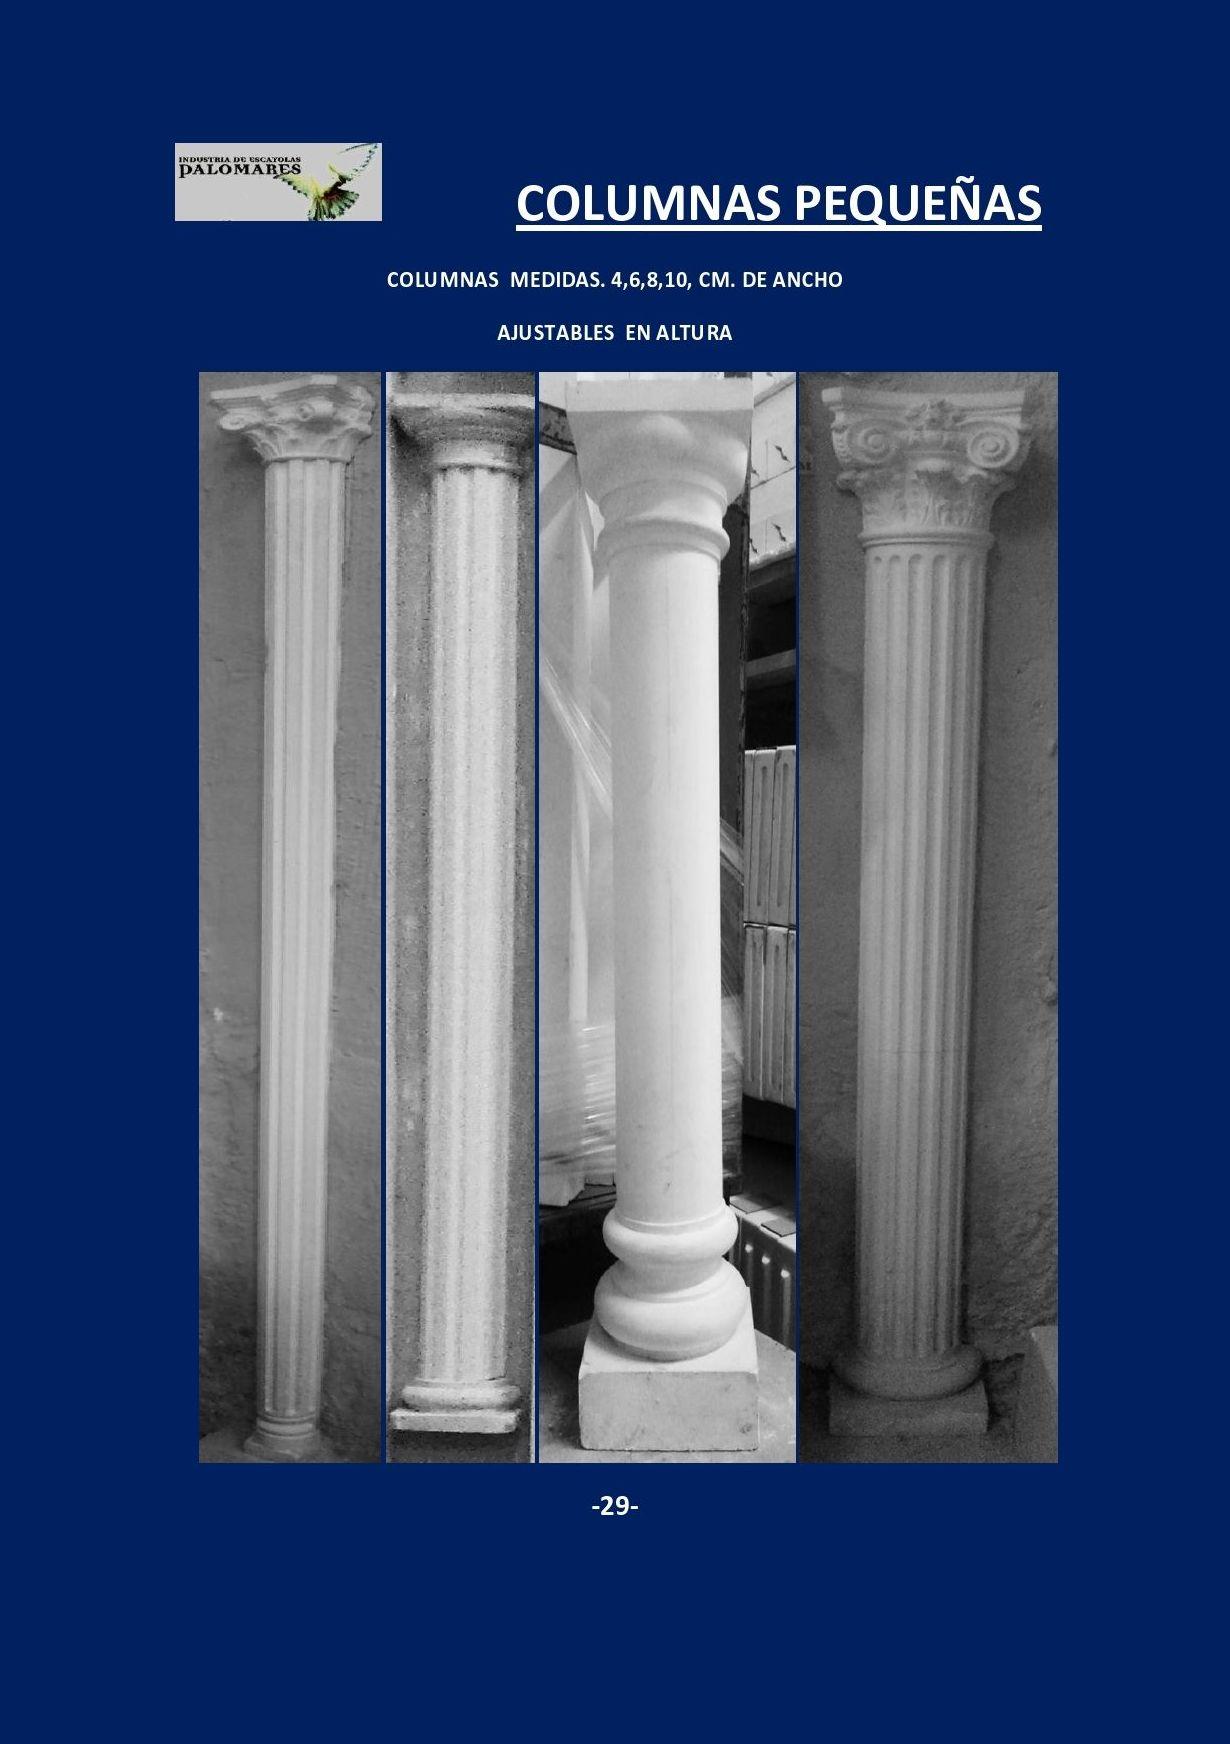 COLUMNAS . PILASTRAS . Y CAPITELES: Catálogo de I. De Escayolas Palomares